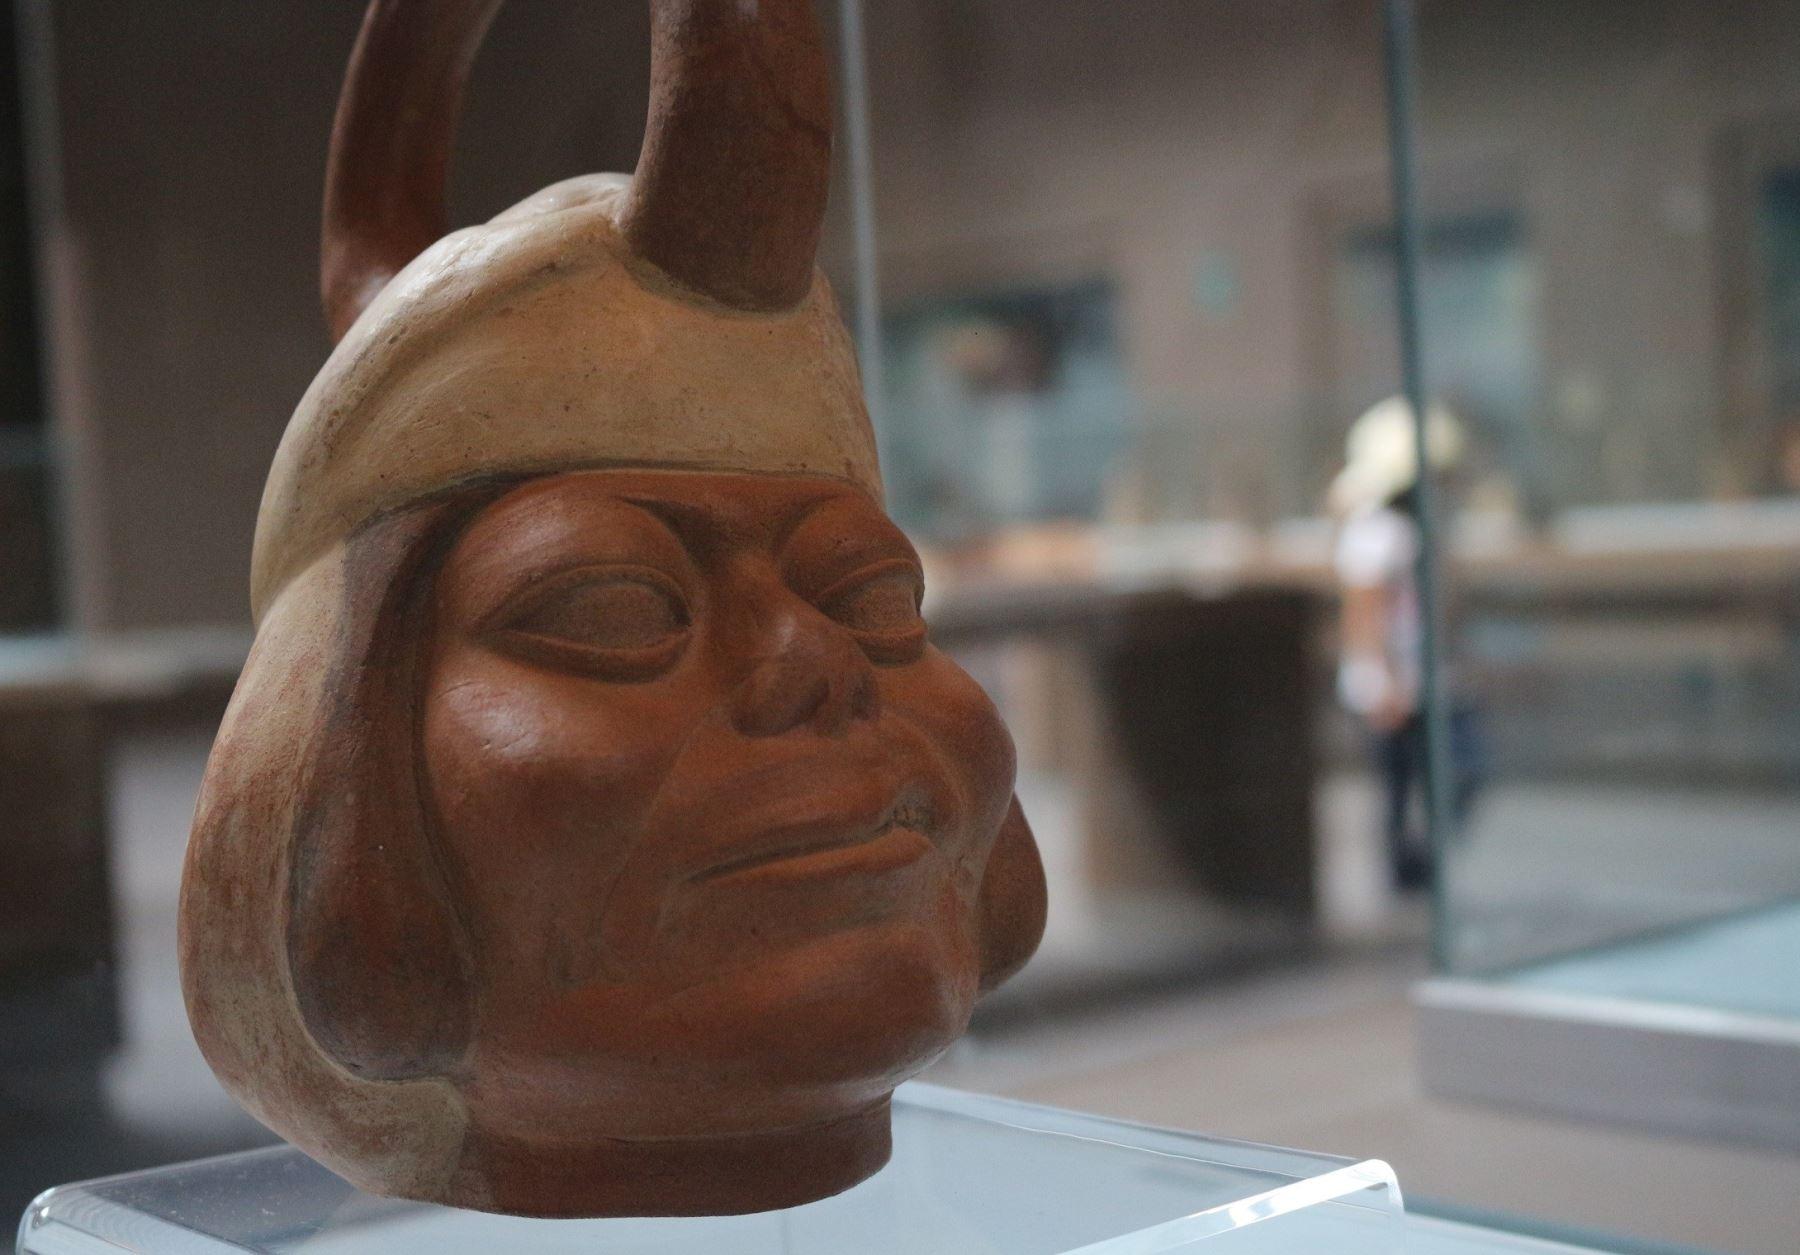 El museo de sitio del Proyecto Huacas de Moche, ubicado en Trujillo, restaurará un total de 1,350 piezas arqueológicas de esa cultura prehispánica con el Premio Fondo del Embajador 2020 que otorgó la embajada de Estados Unidos. ANDINA/Difusión